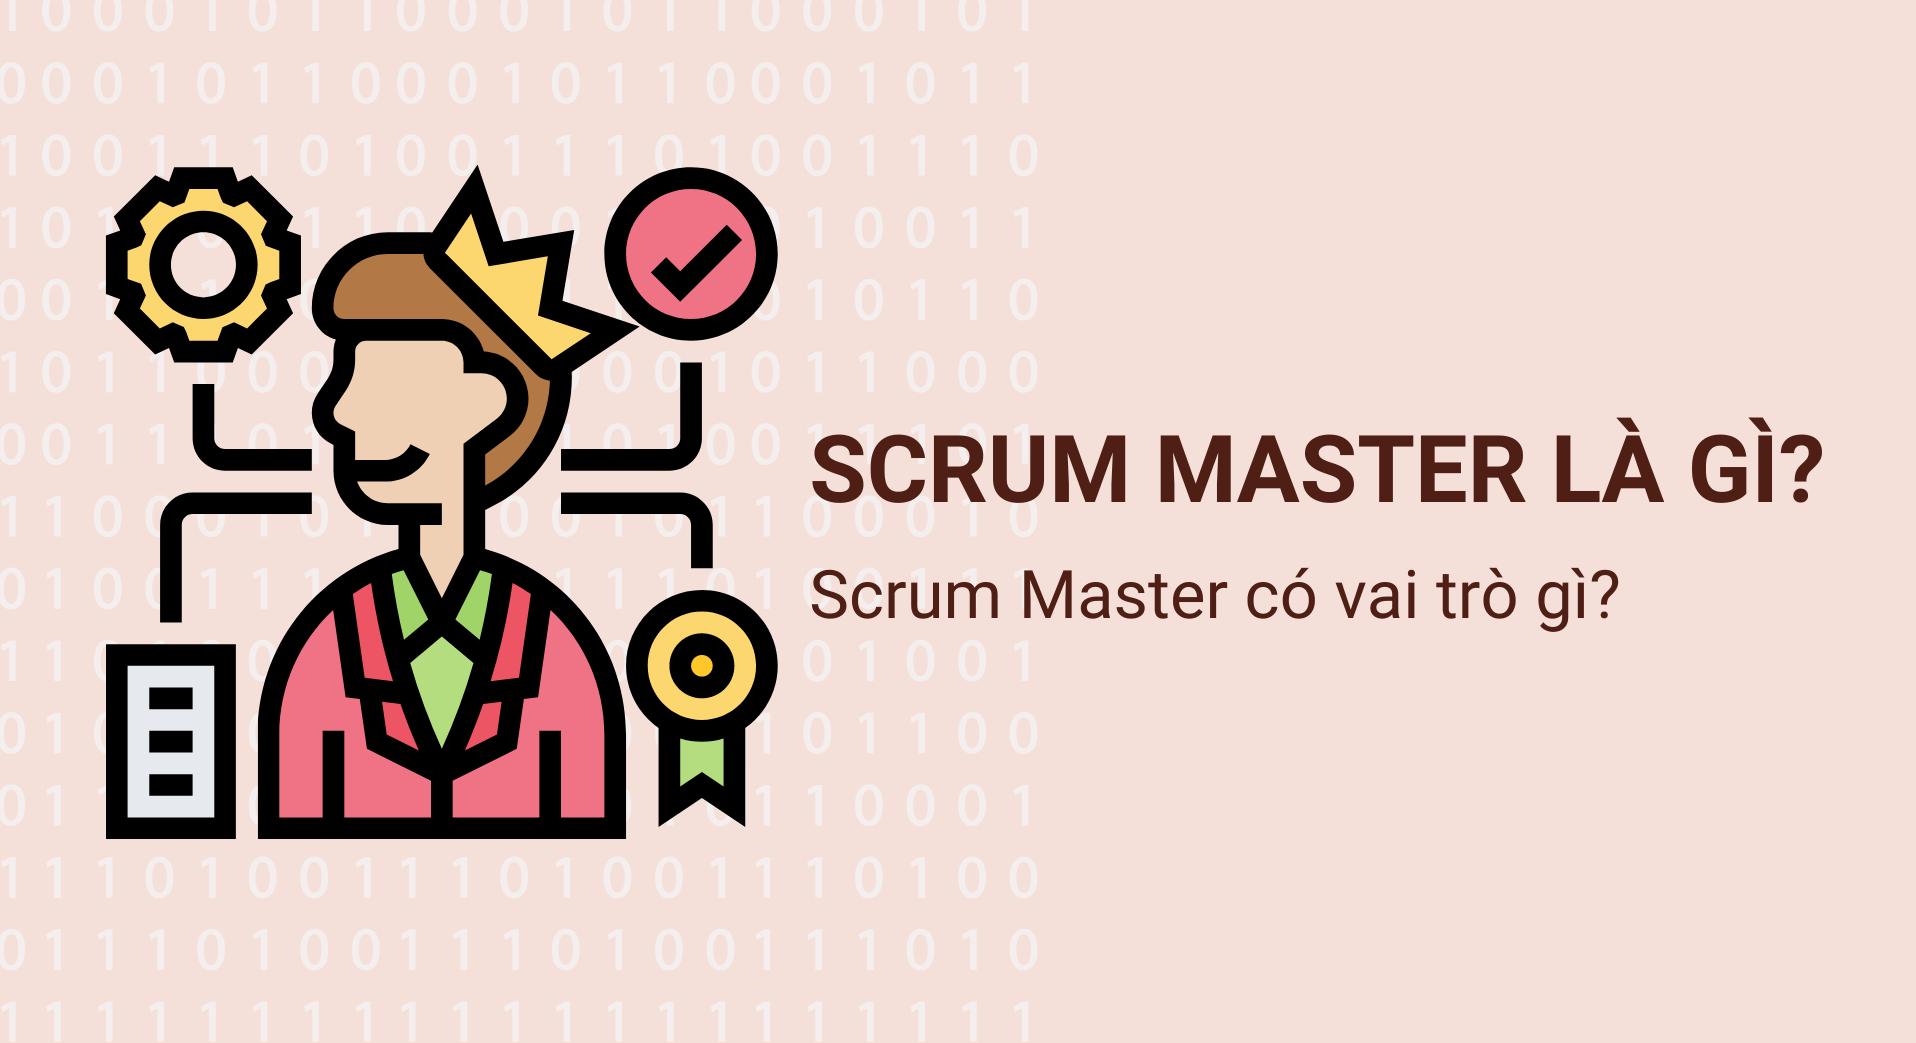 Scrum Master là gì? Mô tả công việc của Scrum Master